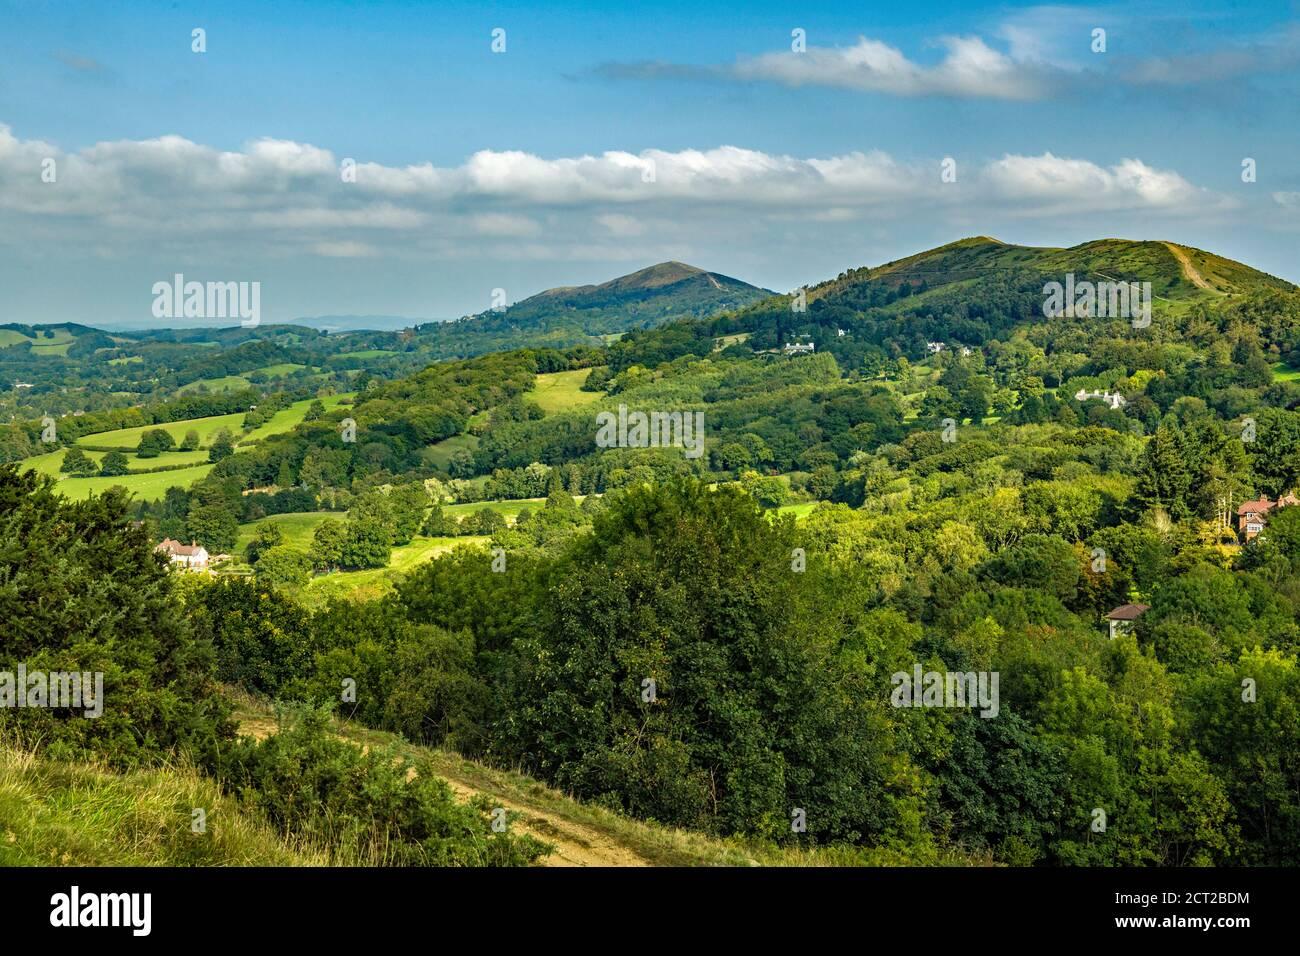 La sección norte de las colinas de Malvern, la frontera entre Herefordshire y Worcestershire en Inglaterra, en septiembre. Foto de stock